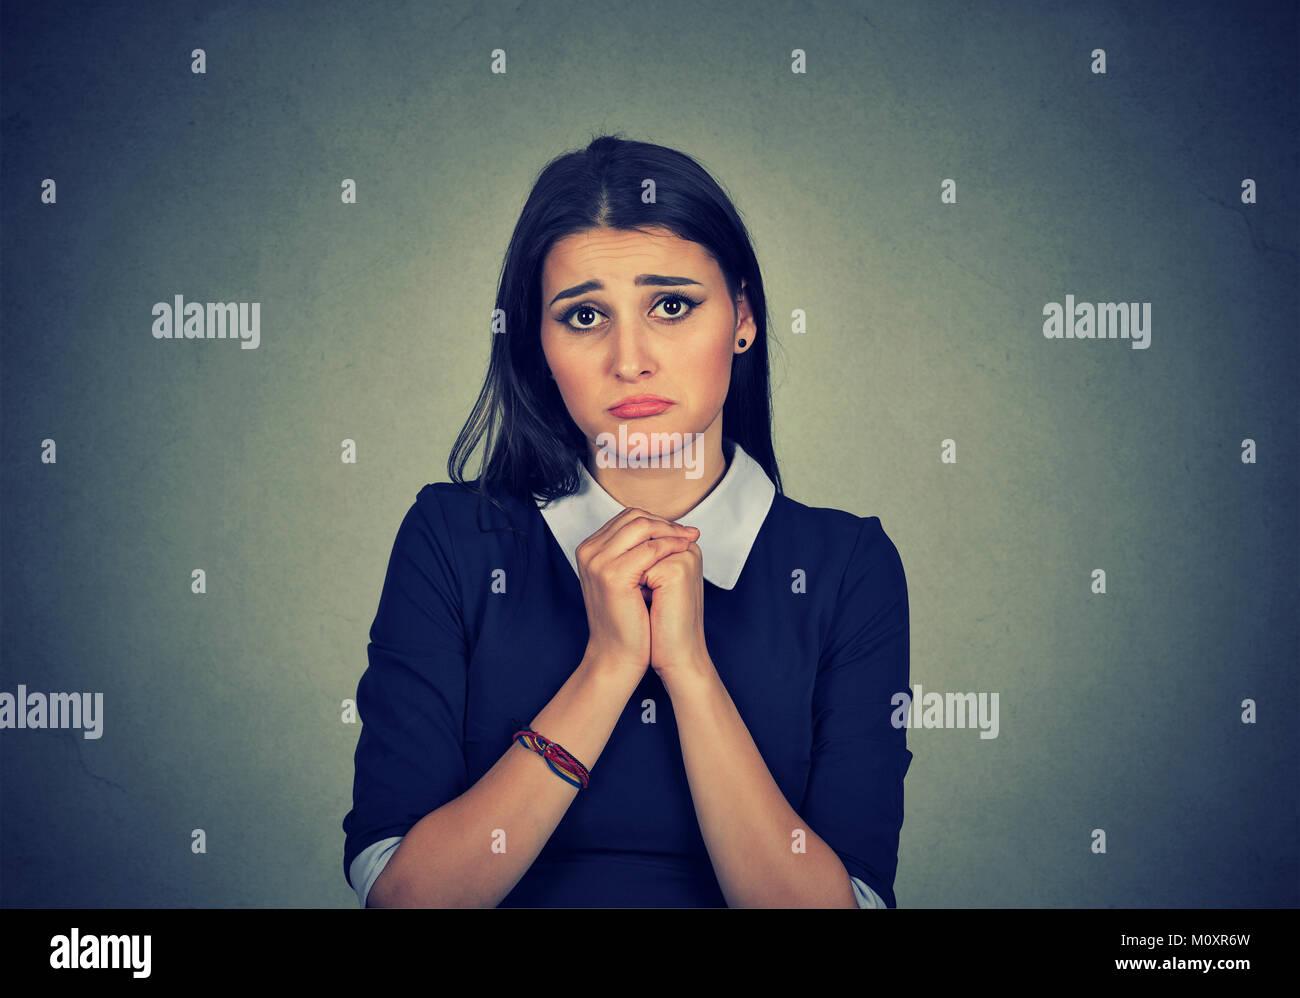 Giovane donna formale cercando colpevole in telecamera a mendicare di perdonare. Immagini Stock